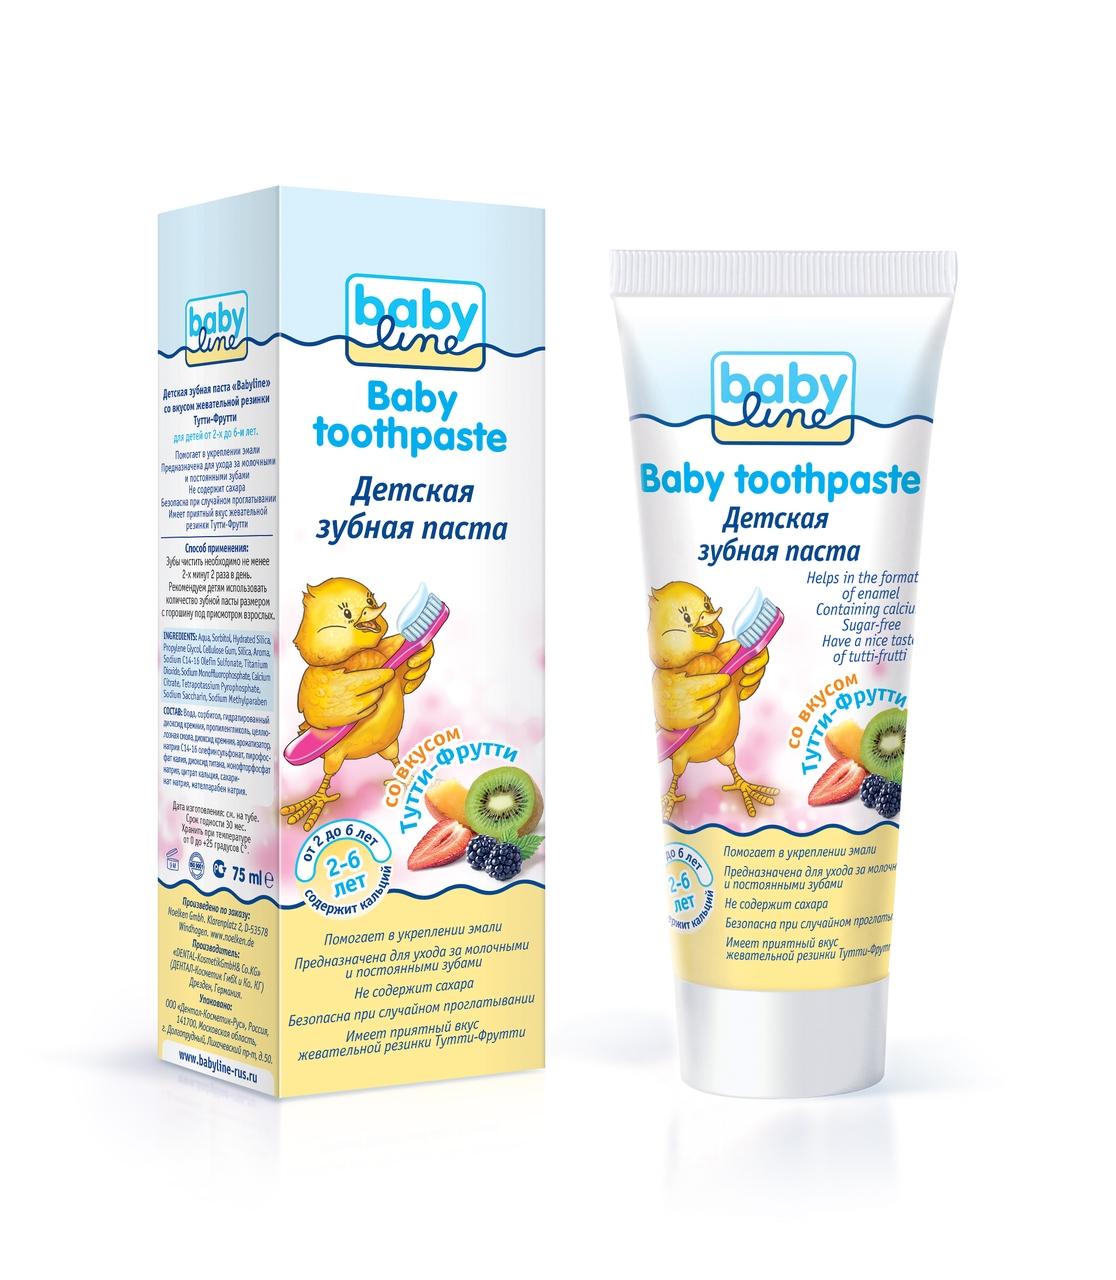 Зубная паста BABYLINE Тутти-Фрутти babyline baby toothpaste зубная паста детская со вкусом апельсина 75 мл